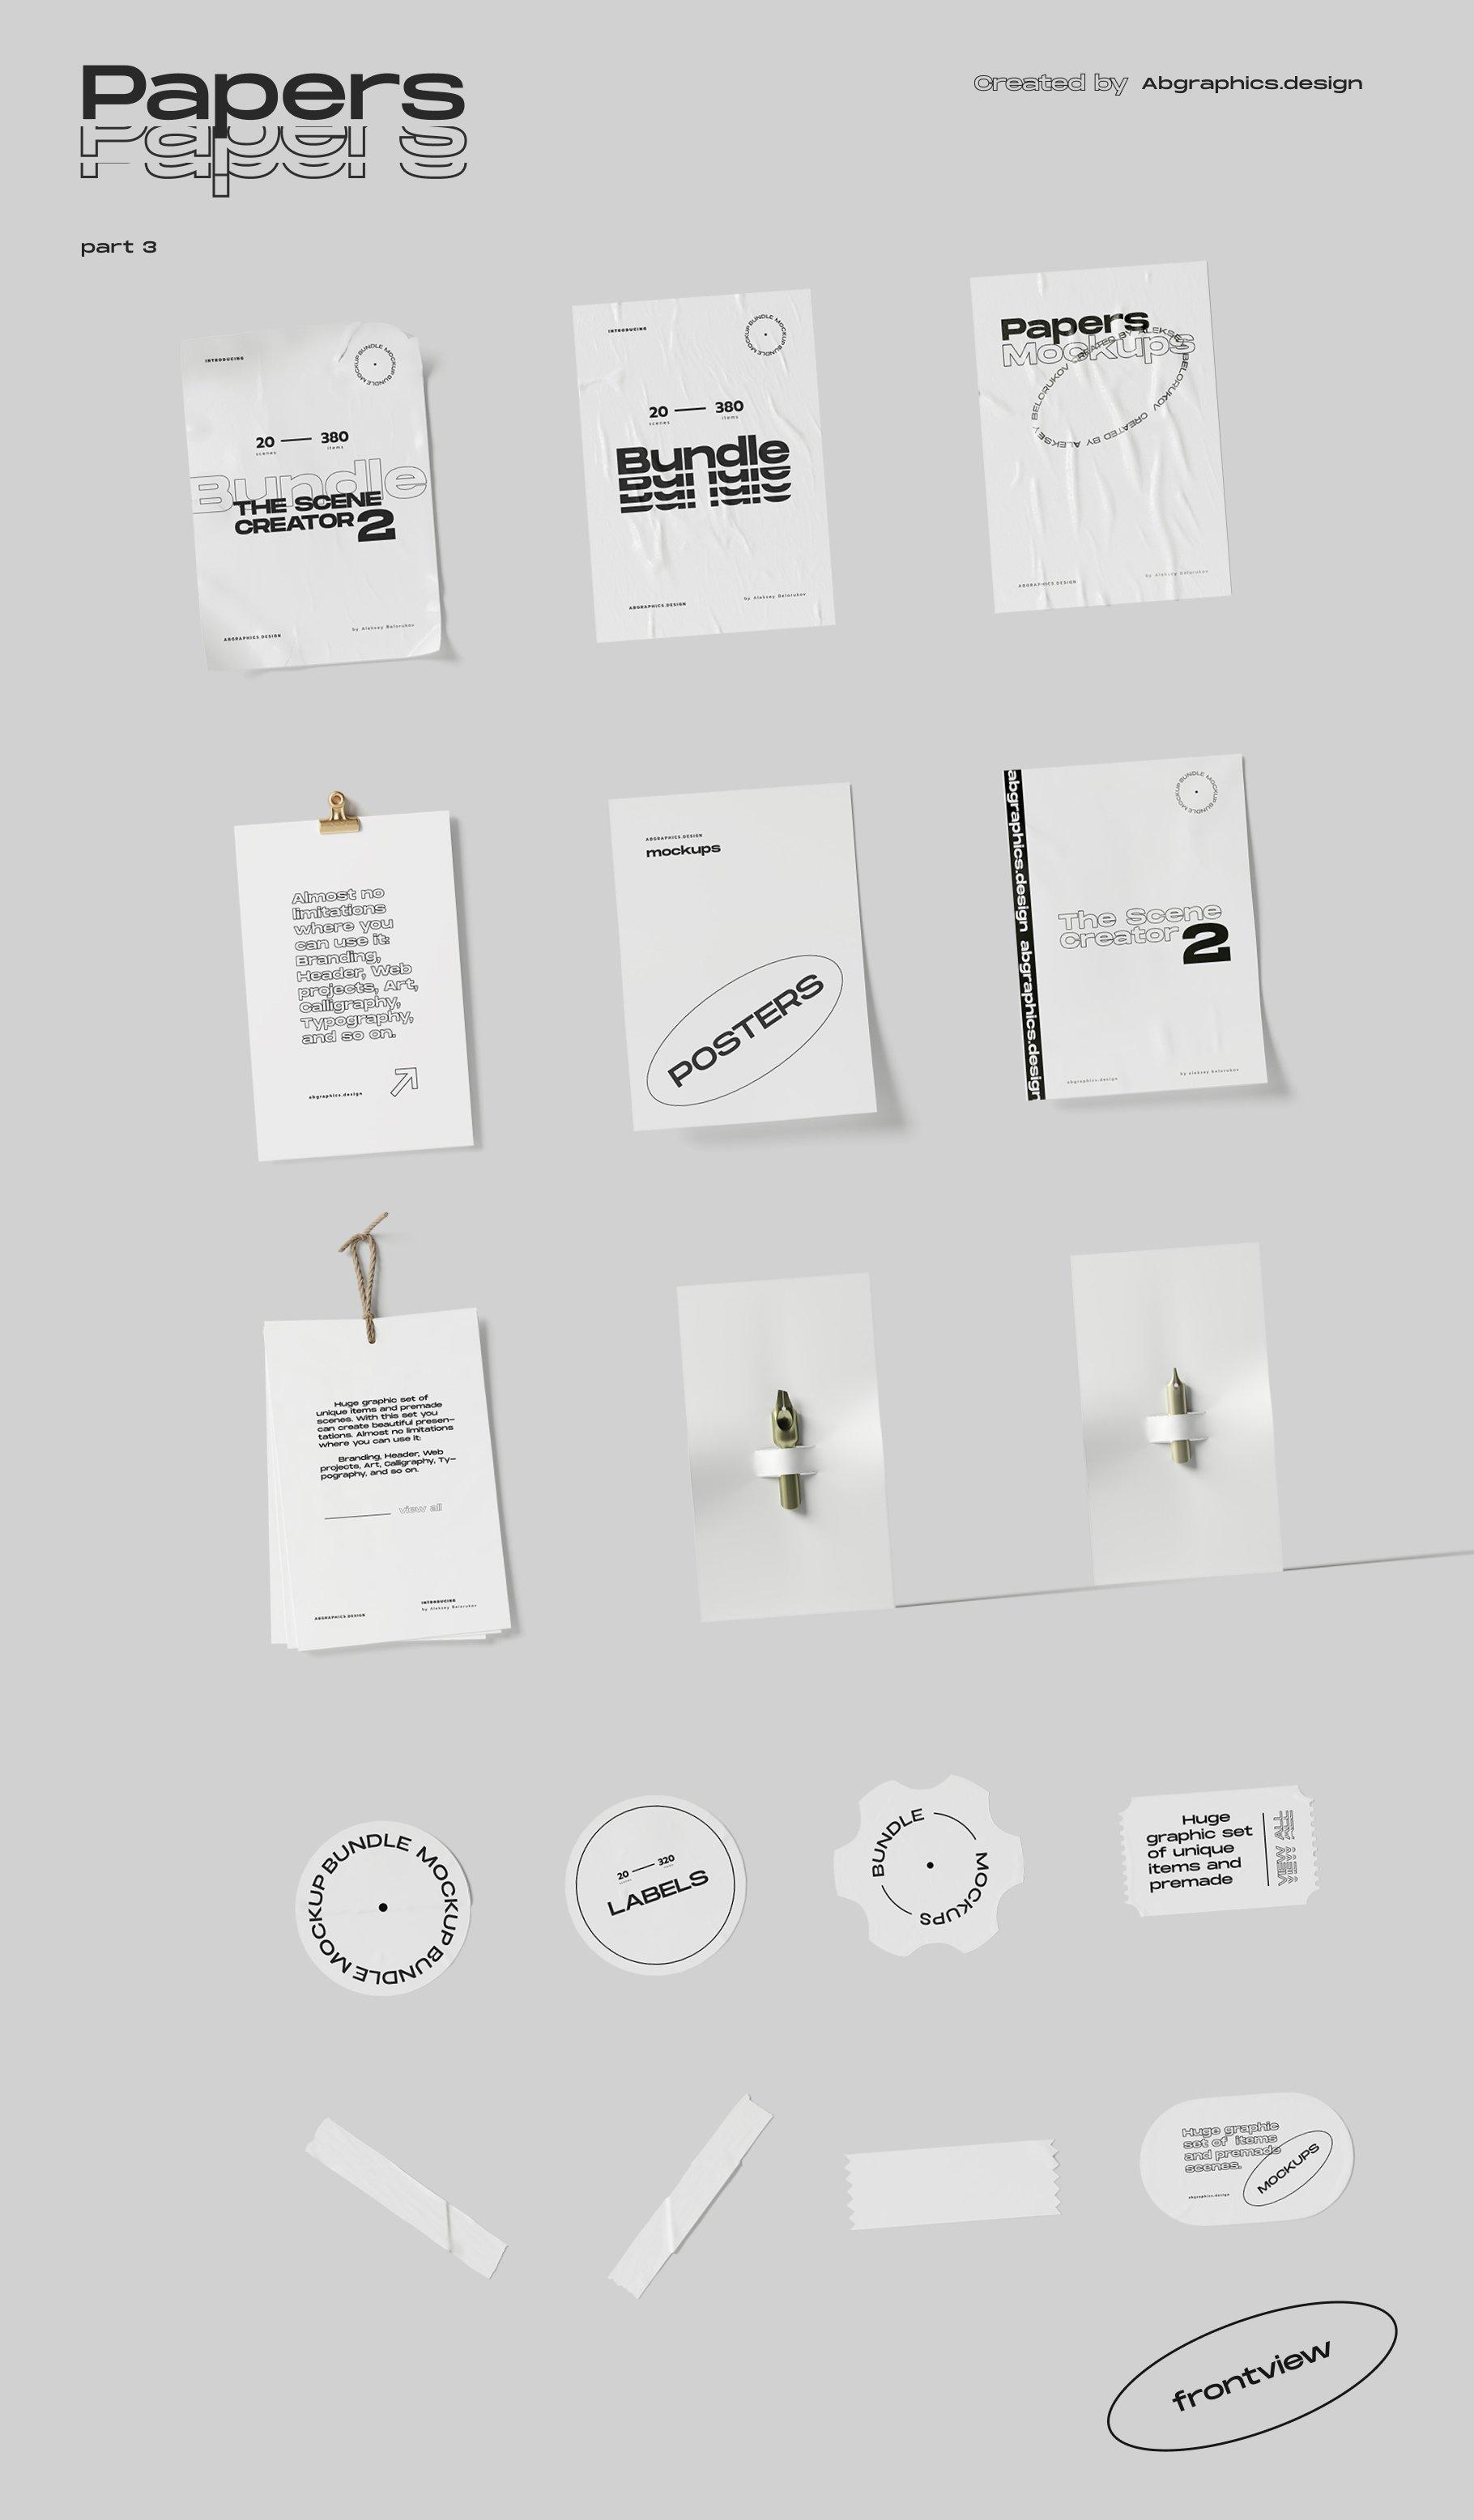 [淘宝购买] 超大品牌VI包装设计PS智能贴图样机模板素材 The Scene Creator 2 / Frontview插图(24)